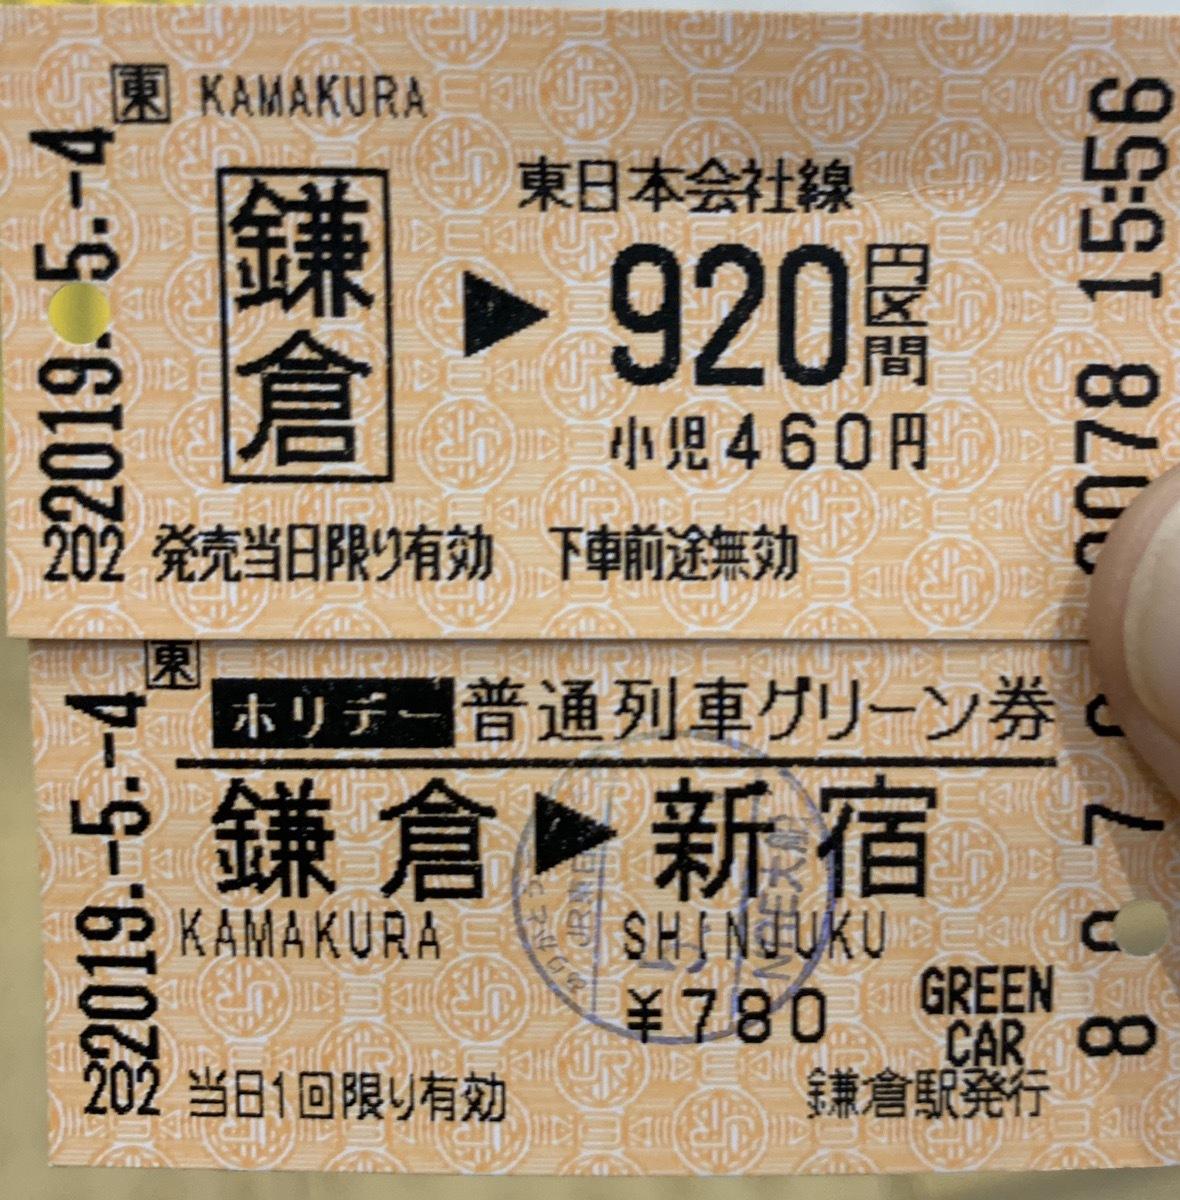 いざ鎌倉へ_f0170586_16470408.jpg